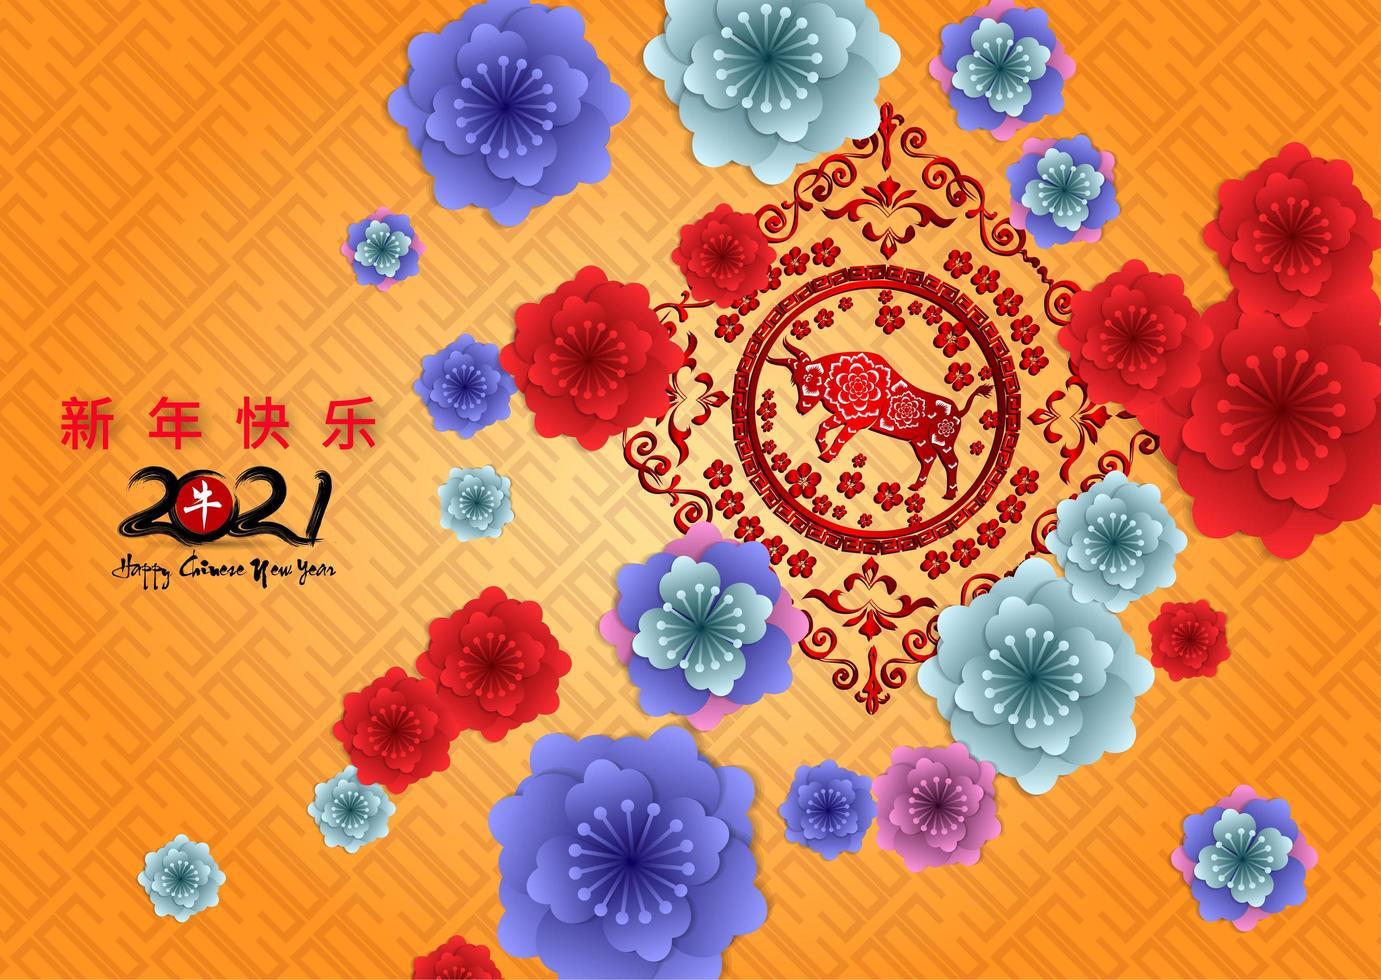 nouvel an chinois 2021 année du bœuf sur motif orange avec des fleurs vecteur